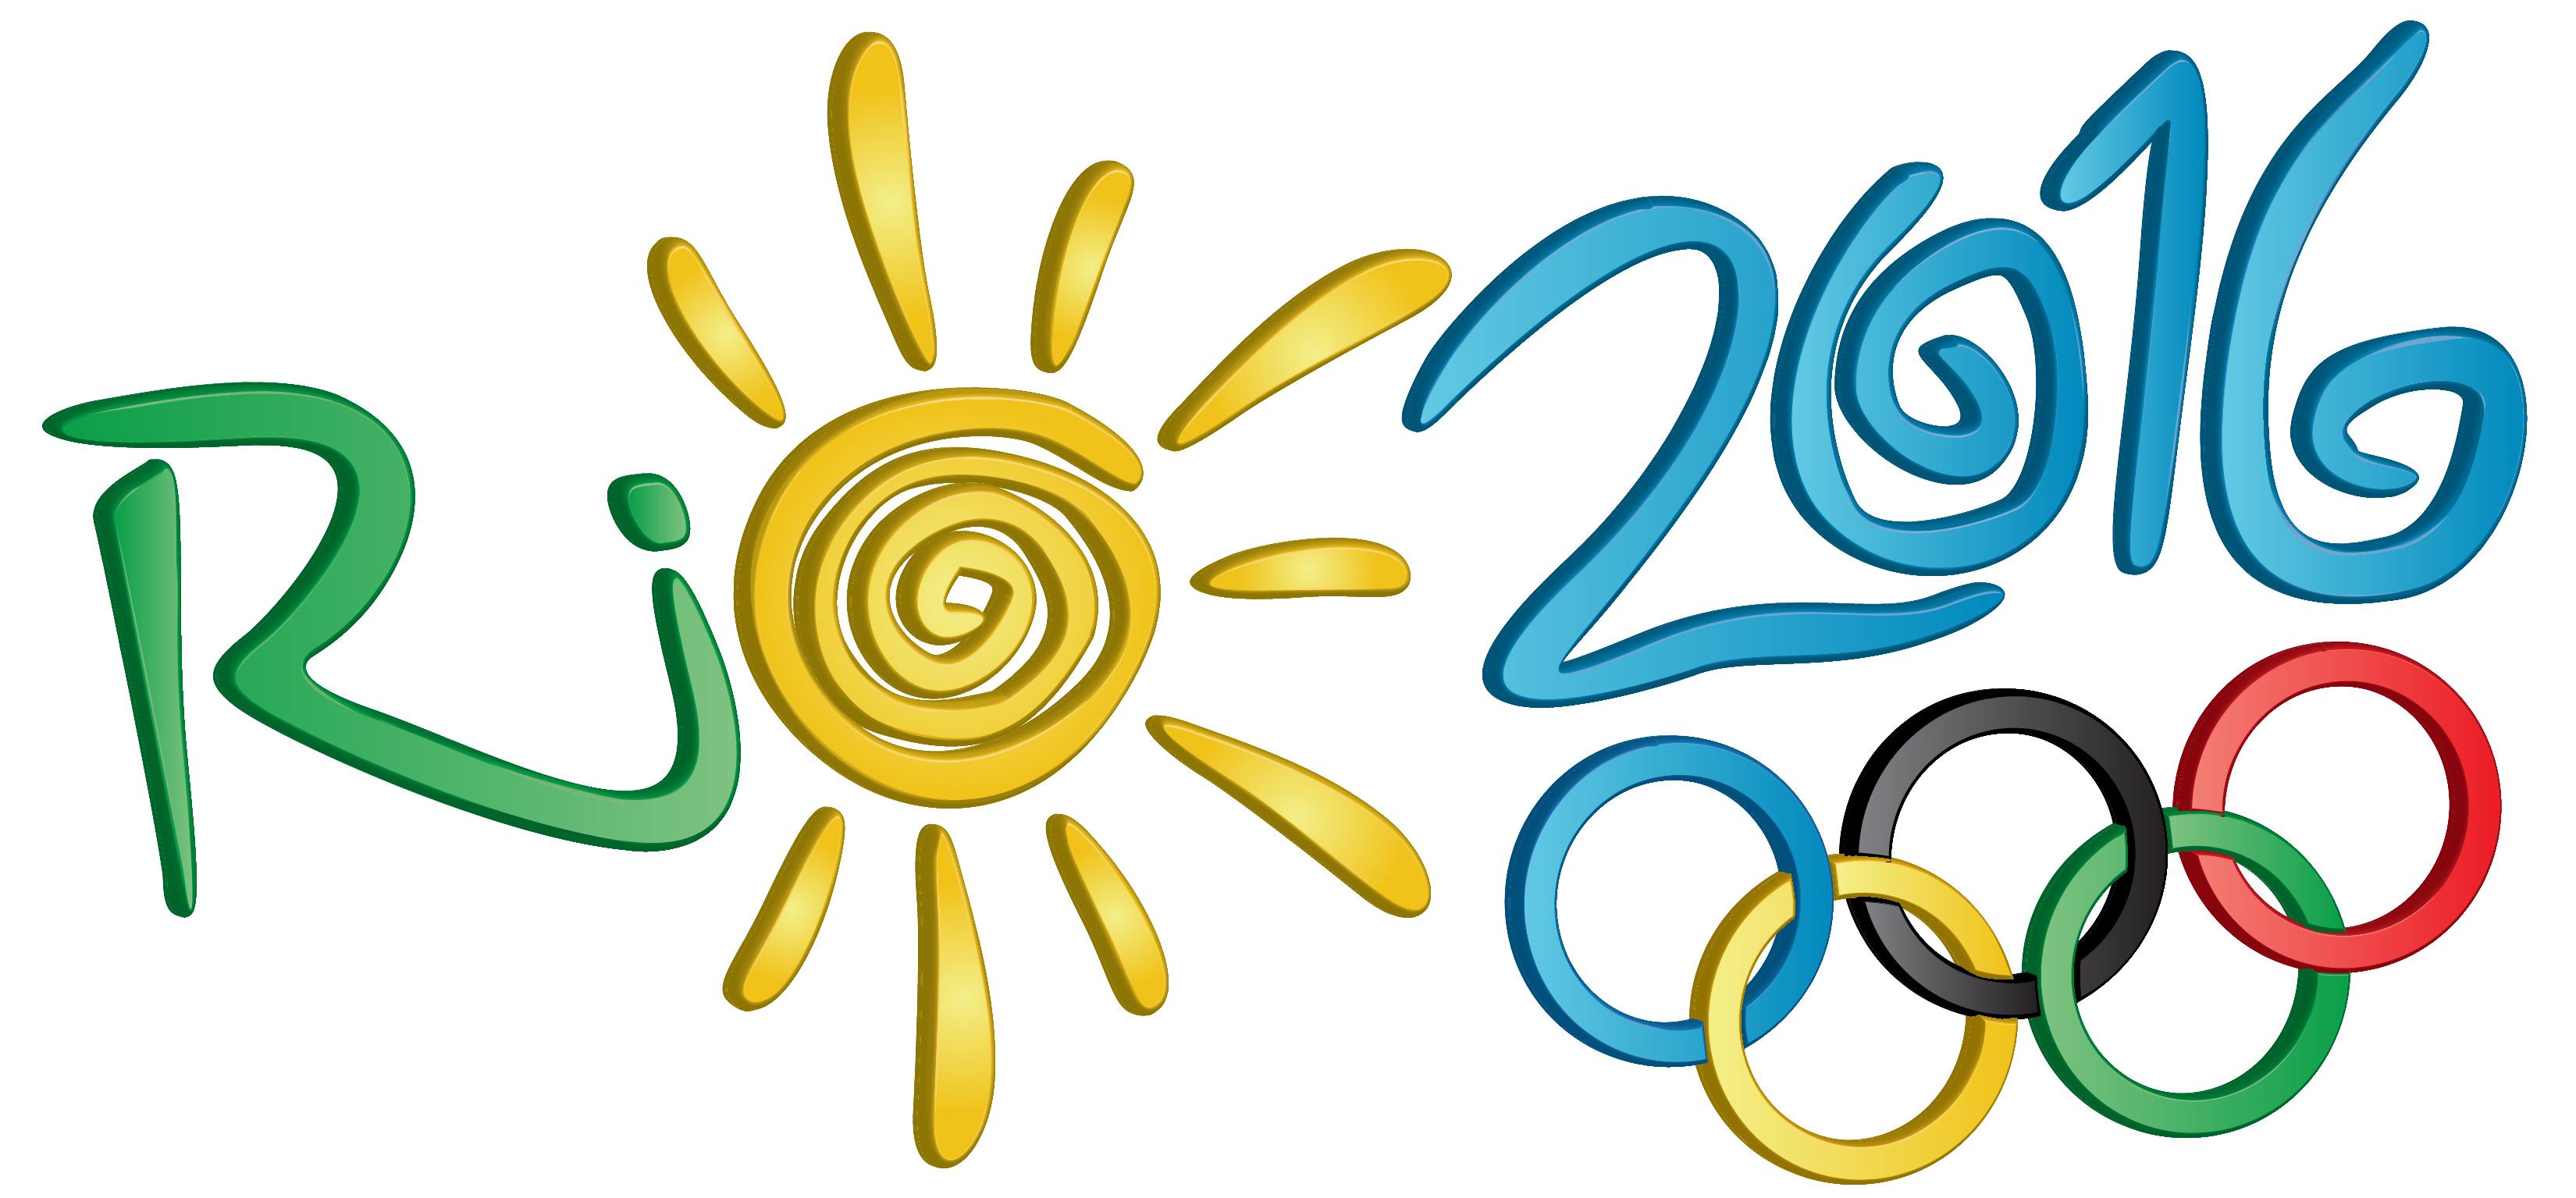 بدهیهای ادامه دار المپیک ۲۰۱۶ ریو تمامی ندارد